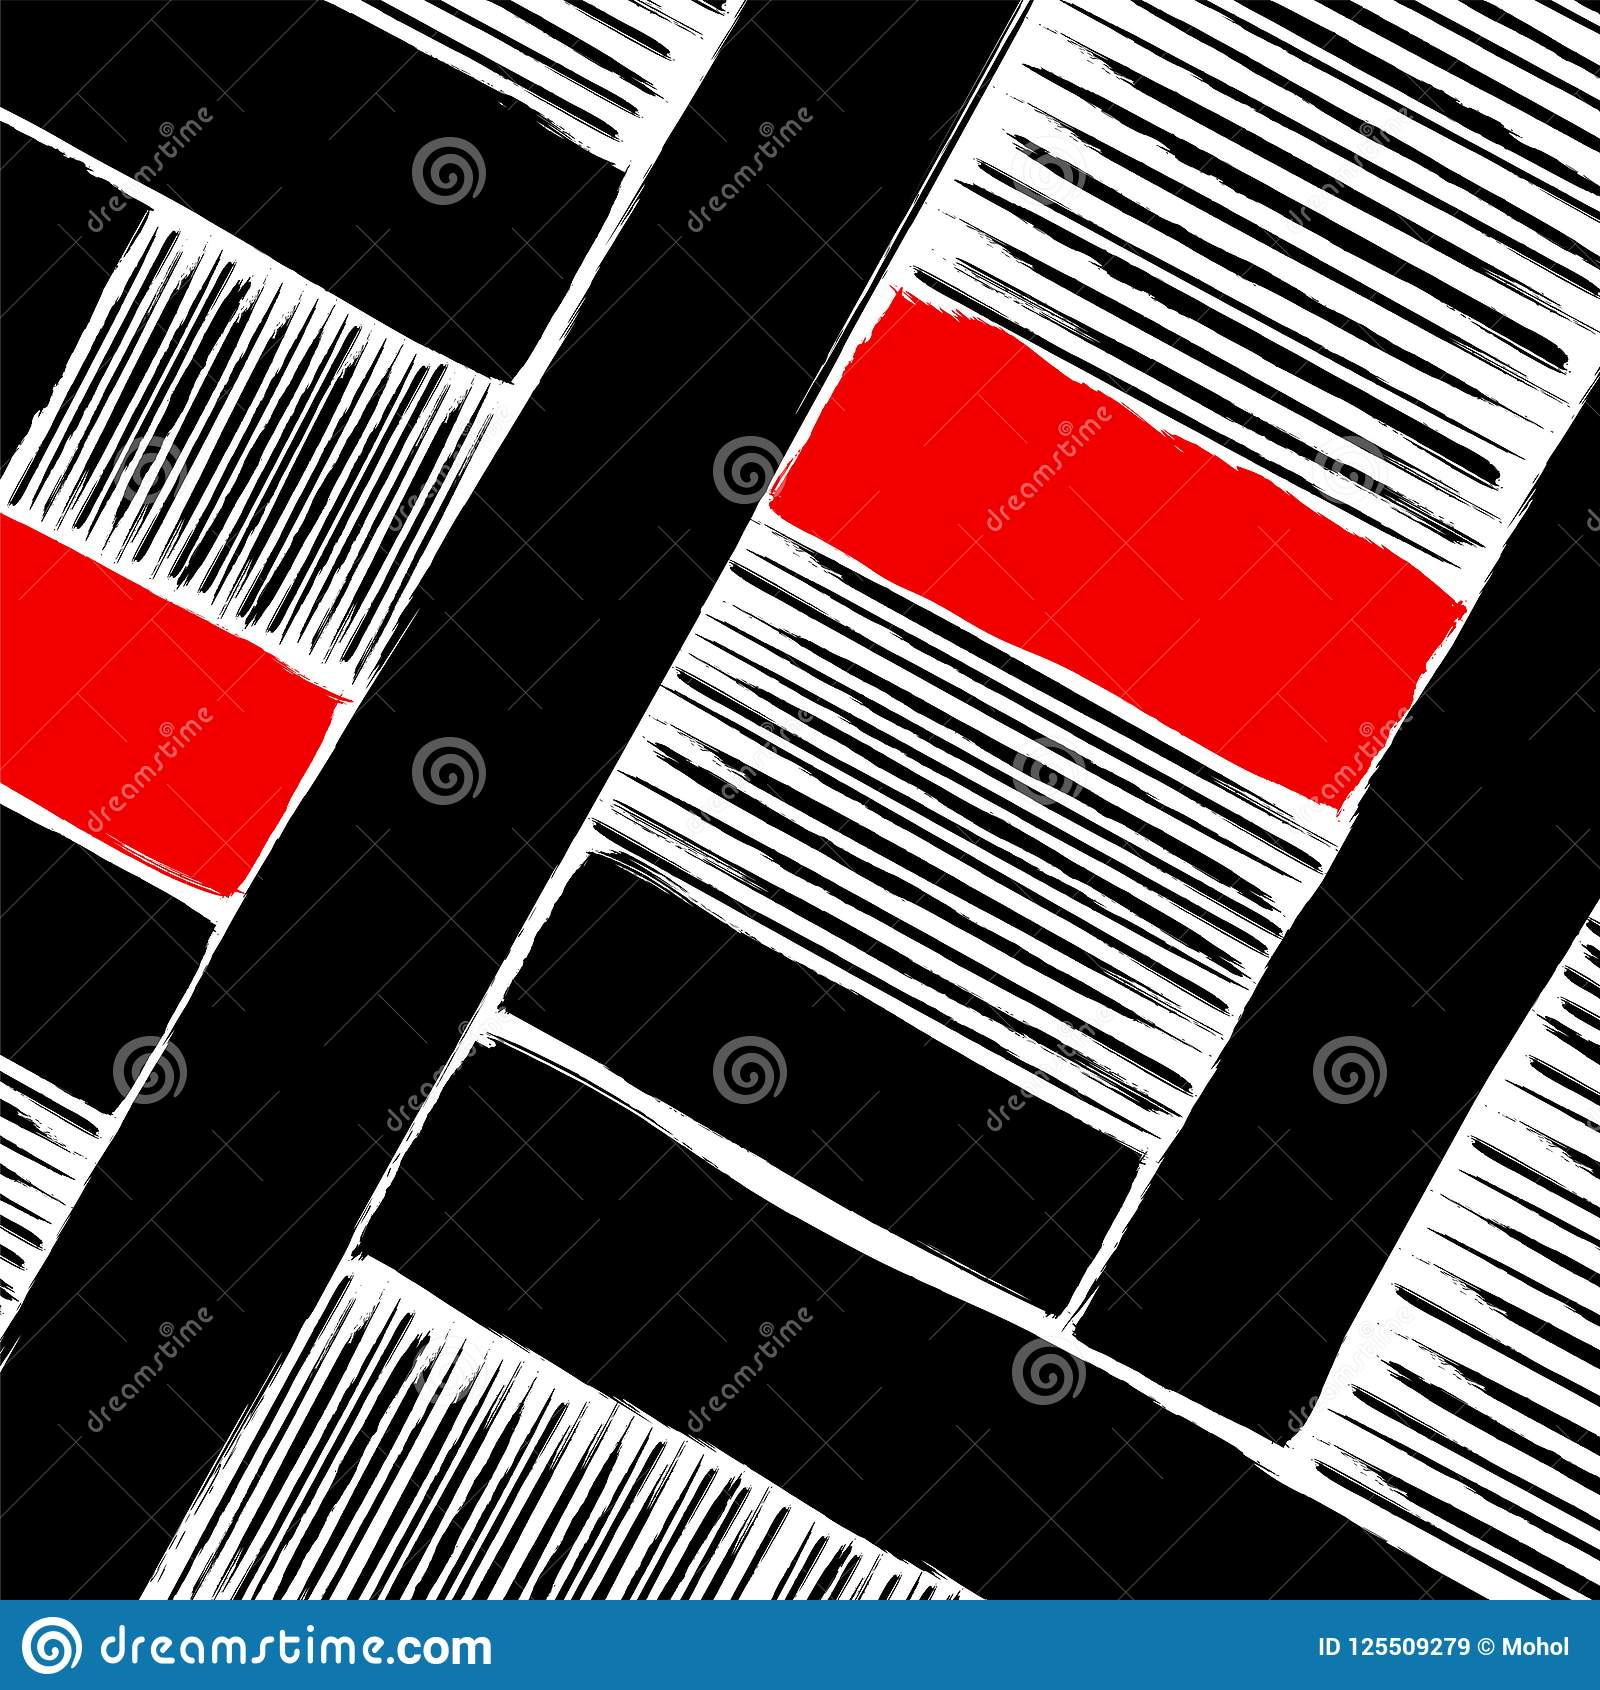 Materiale illustrativo, colpi e linee geometrici astratti